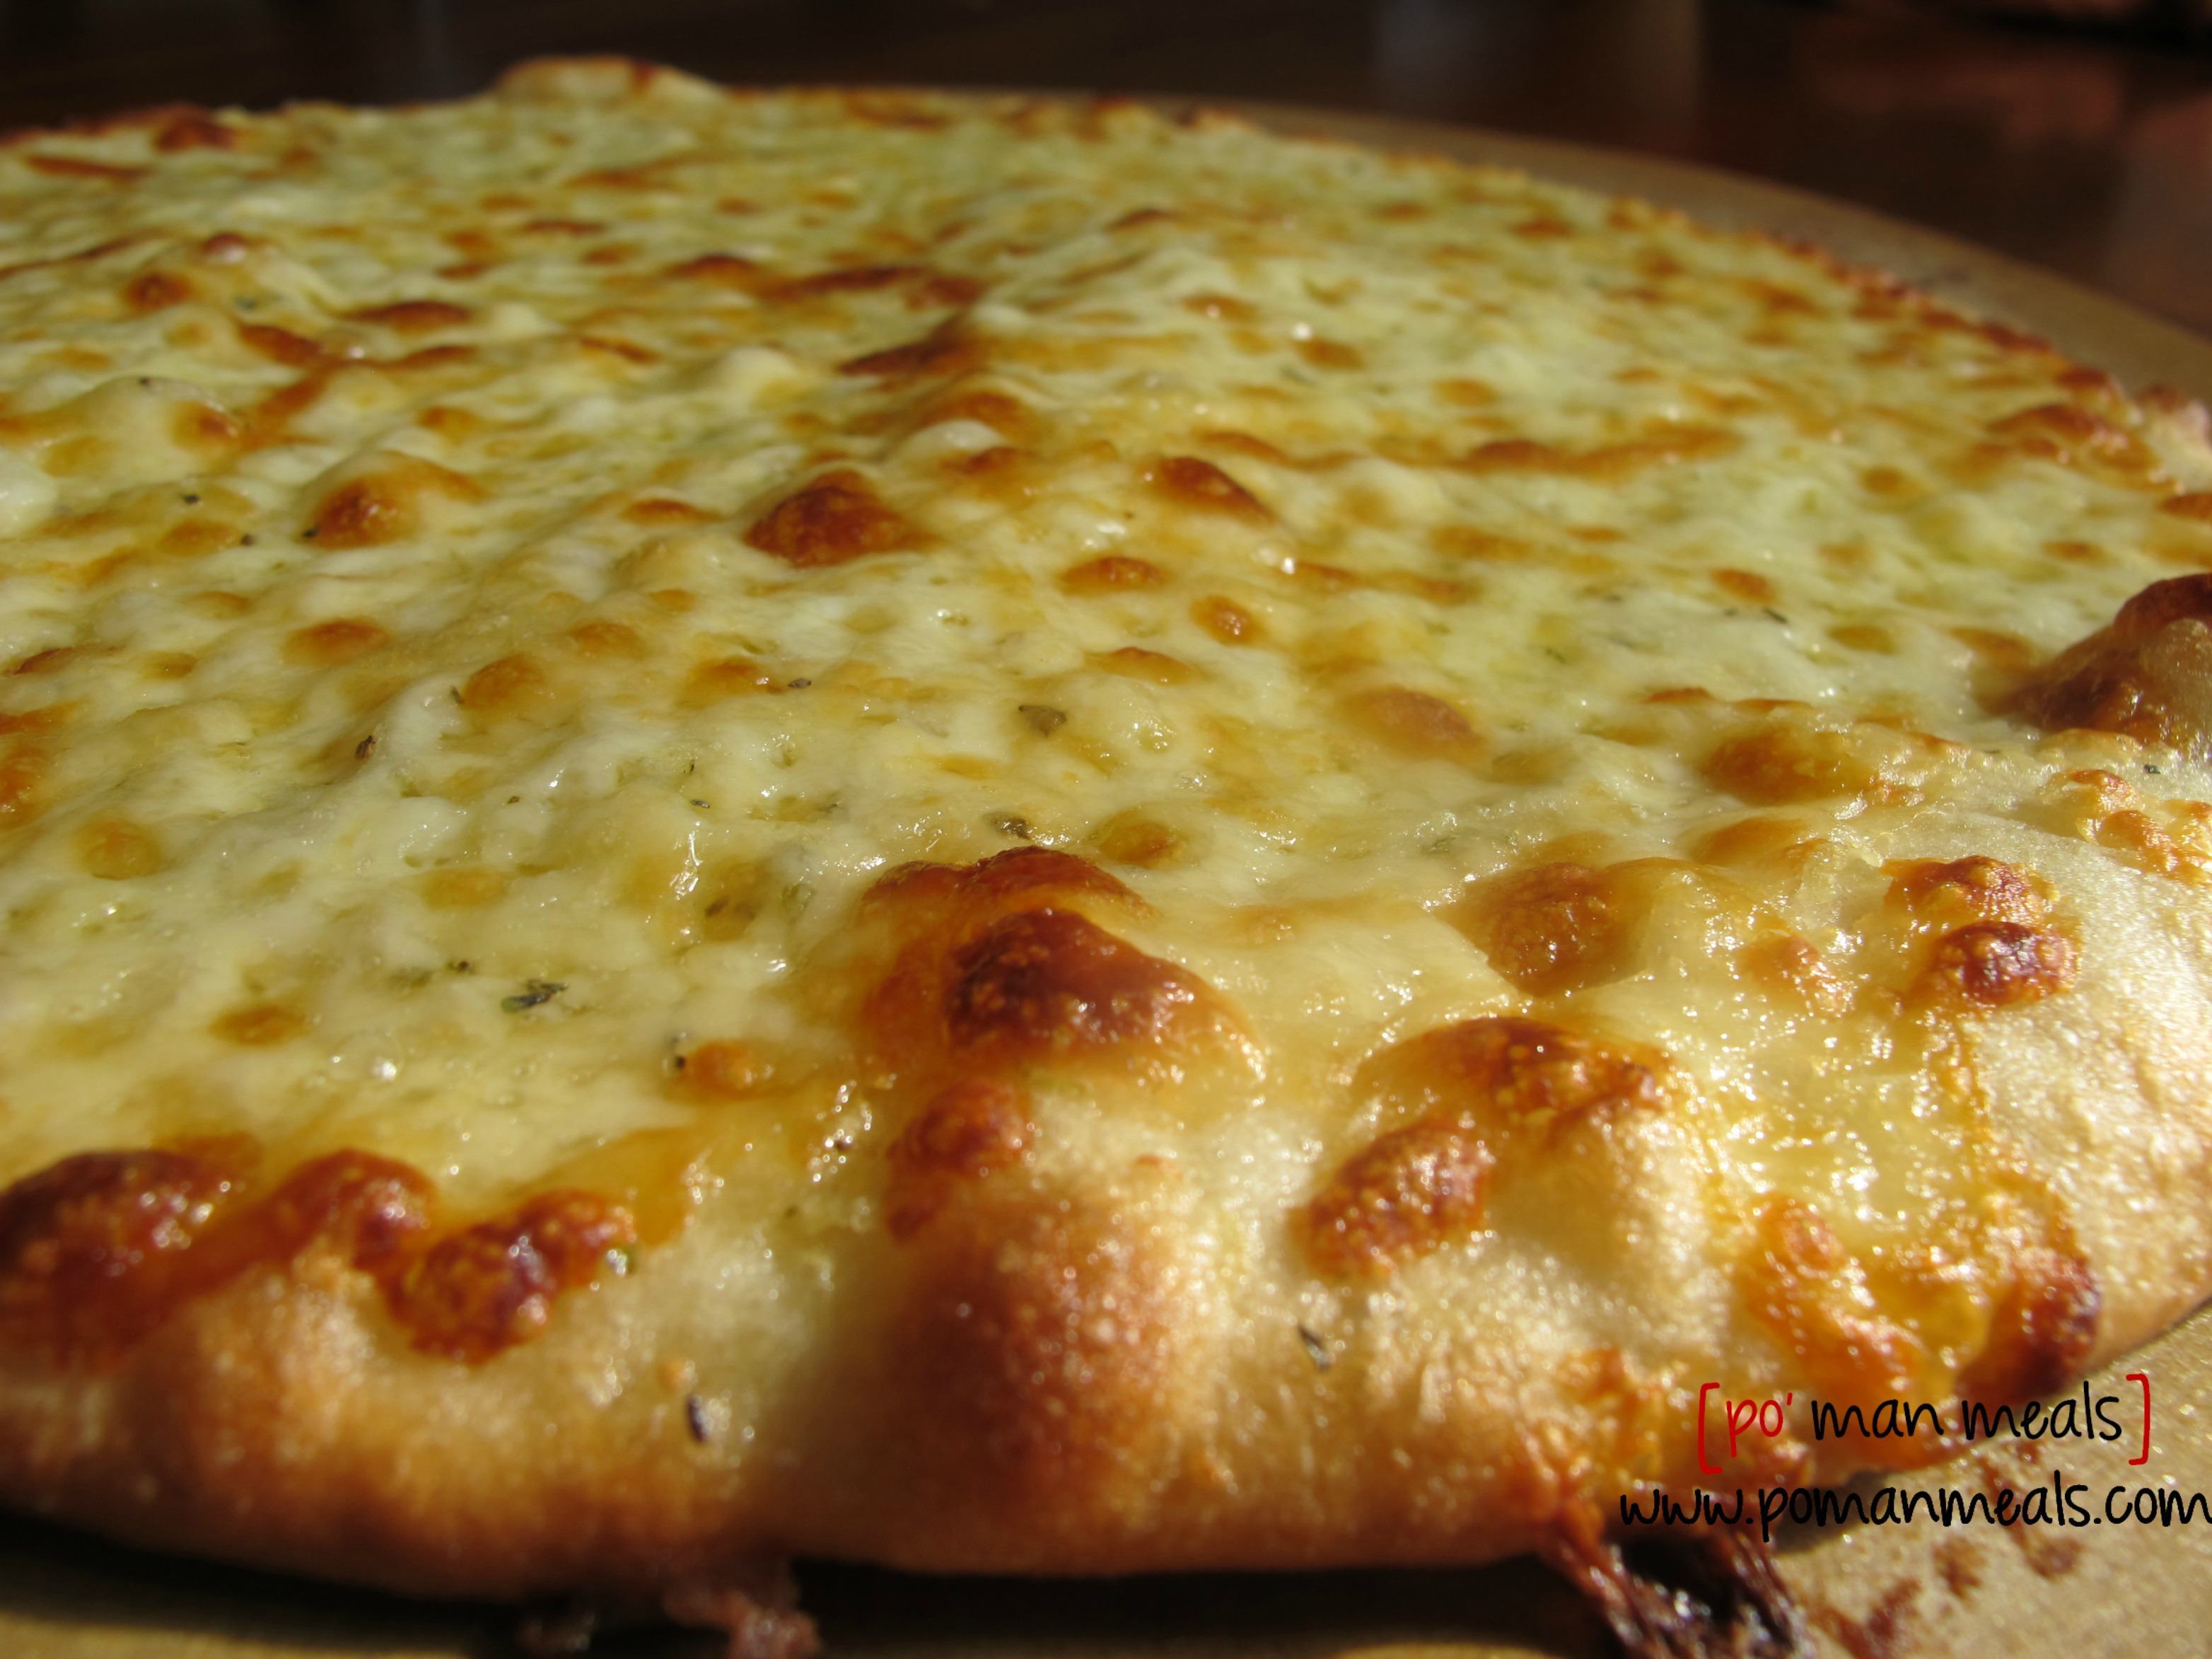 po' man meals - three cheese garlic breadsticks